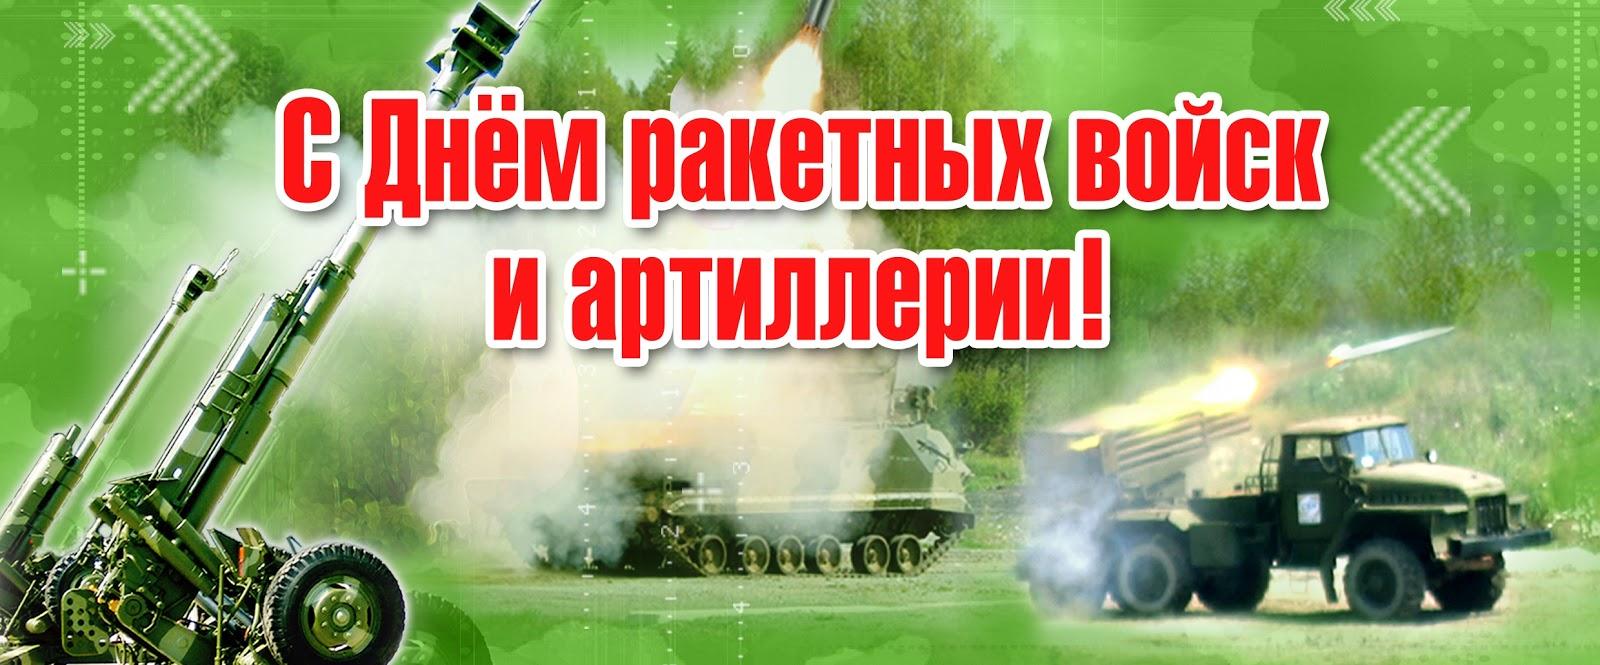 День Ракетных войск стратегического 27